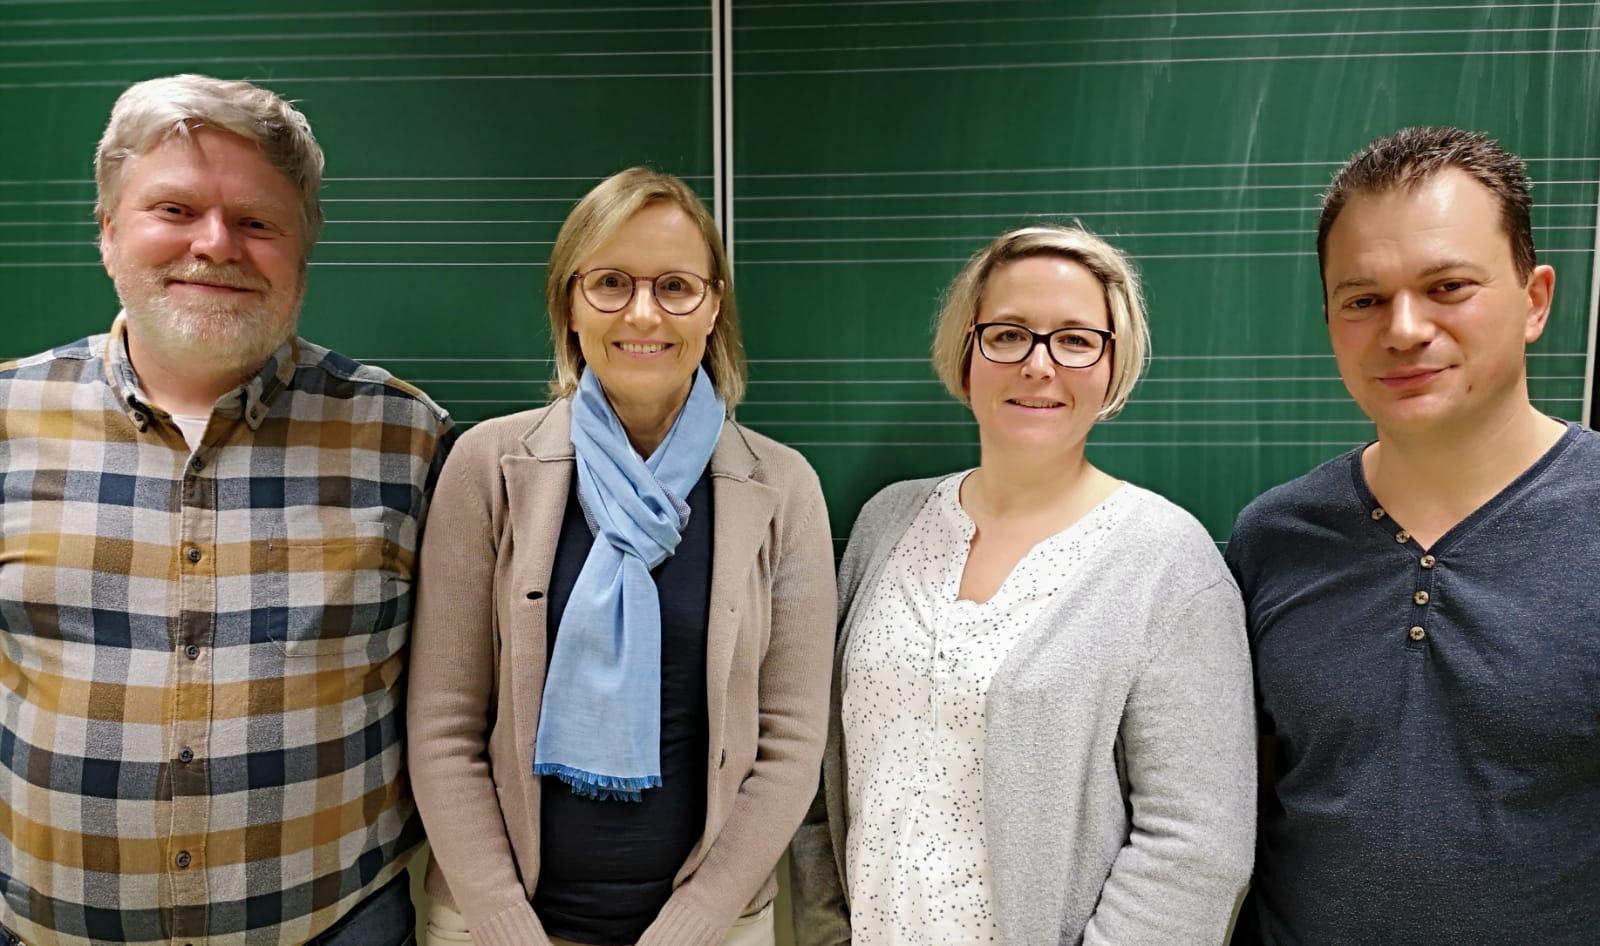 Vorstandsmitglieder des Fördervereins: Christian Bendig, Anne Schoeller, Eike Büchele, Klaus Reiter